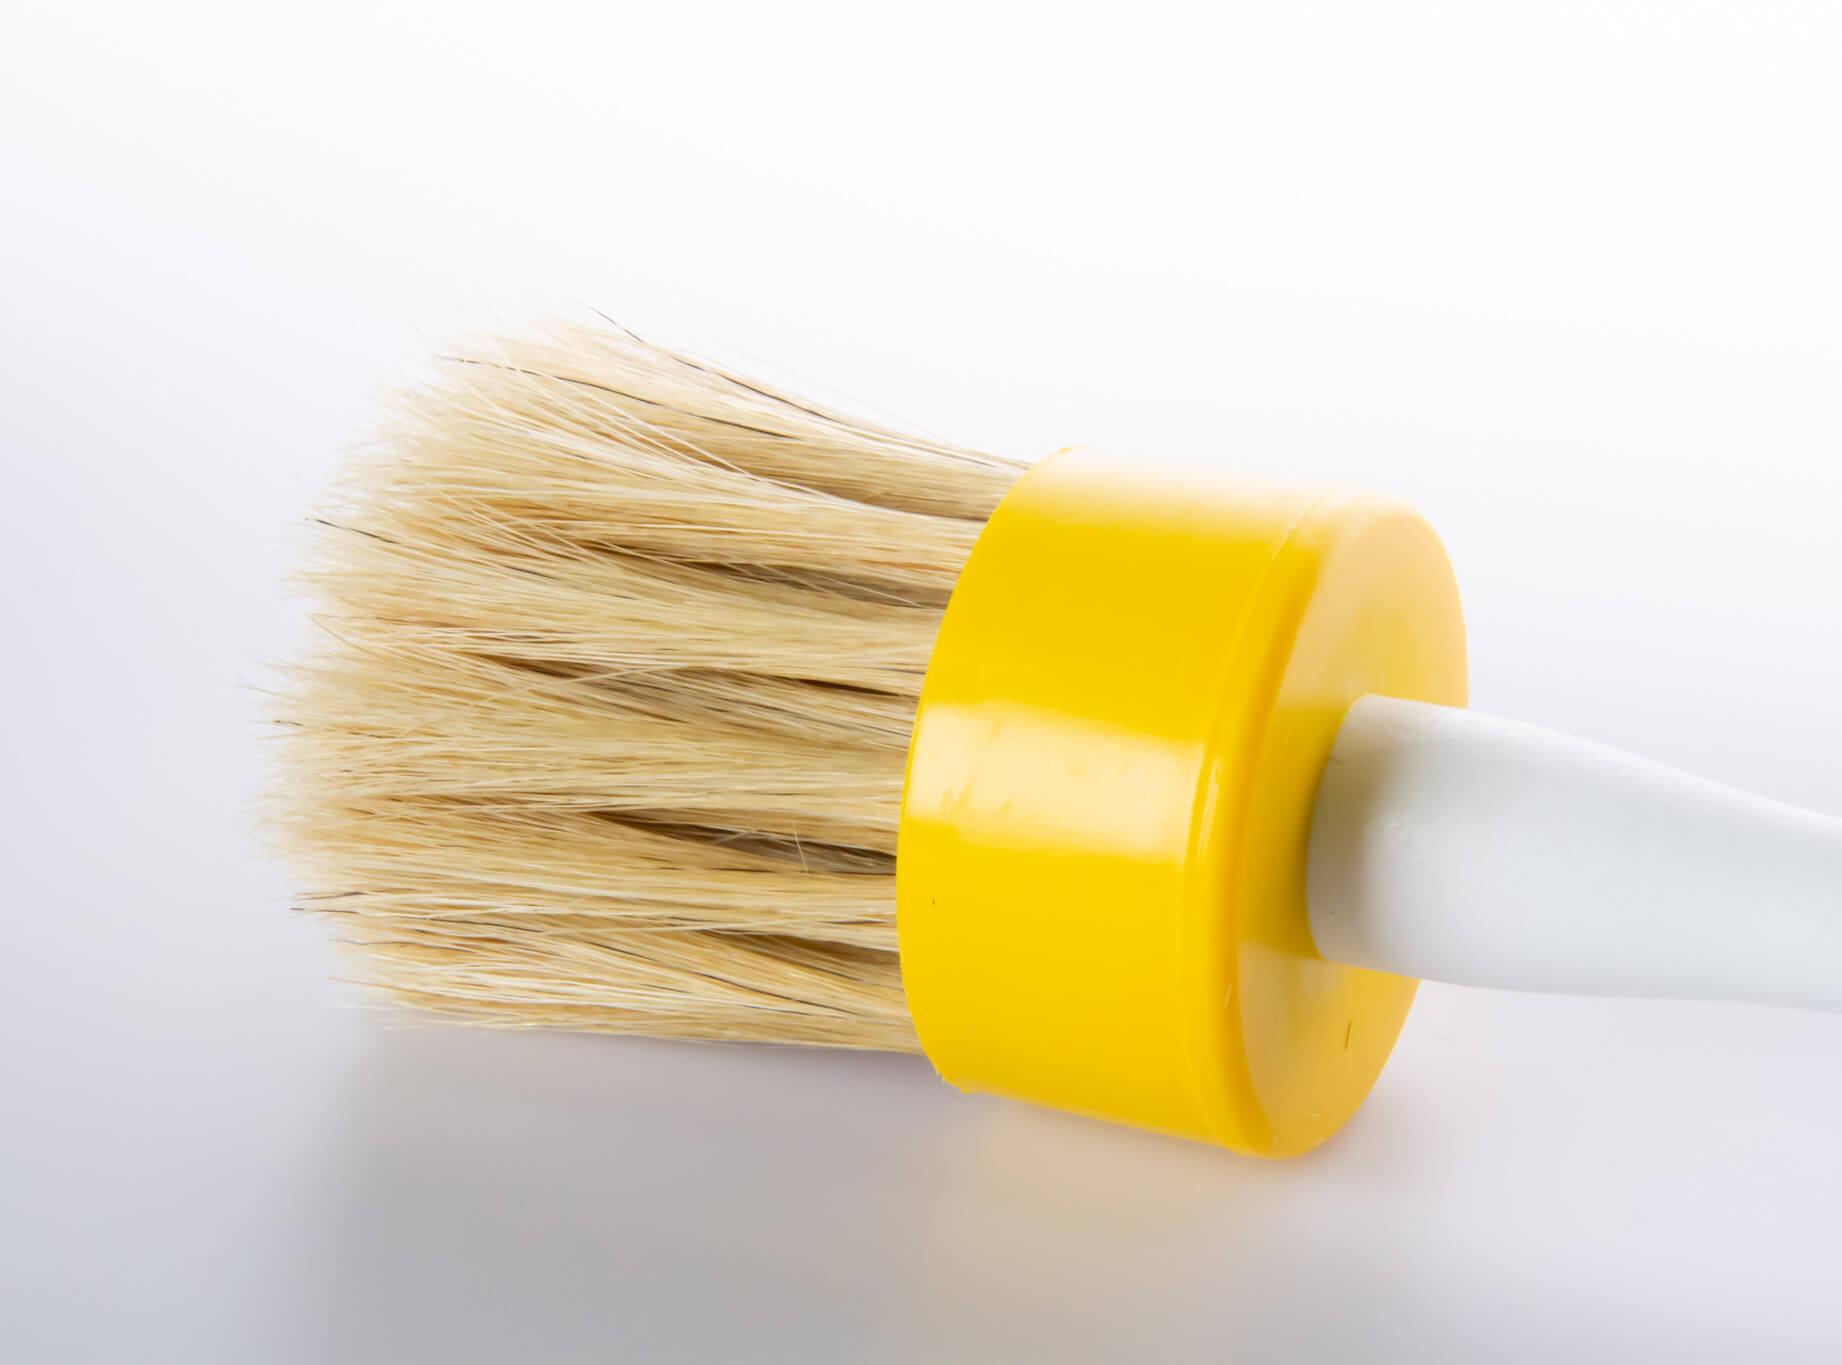 Creeds Round Wash Brushes